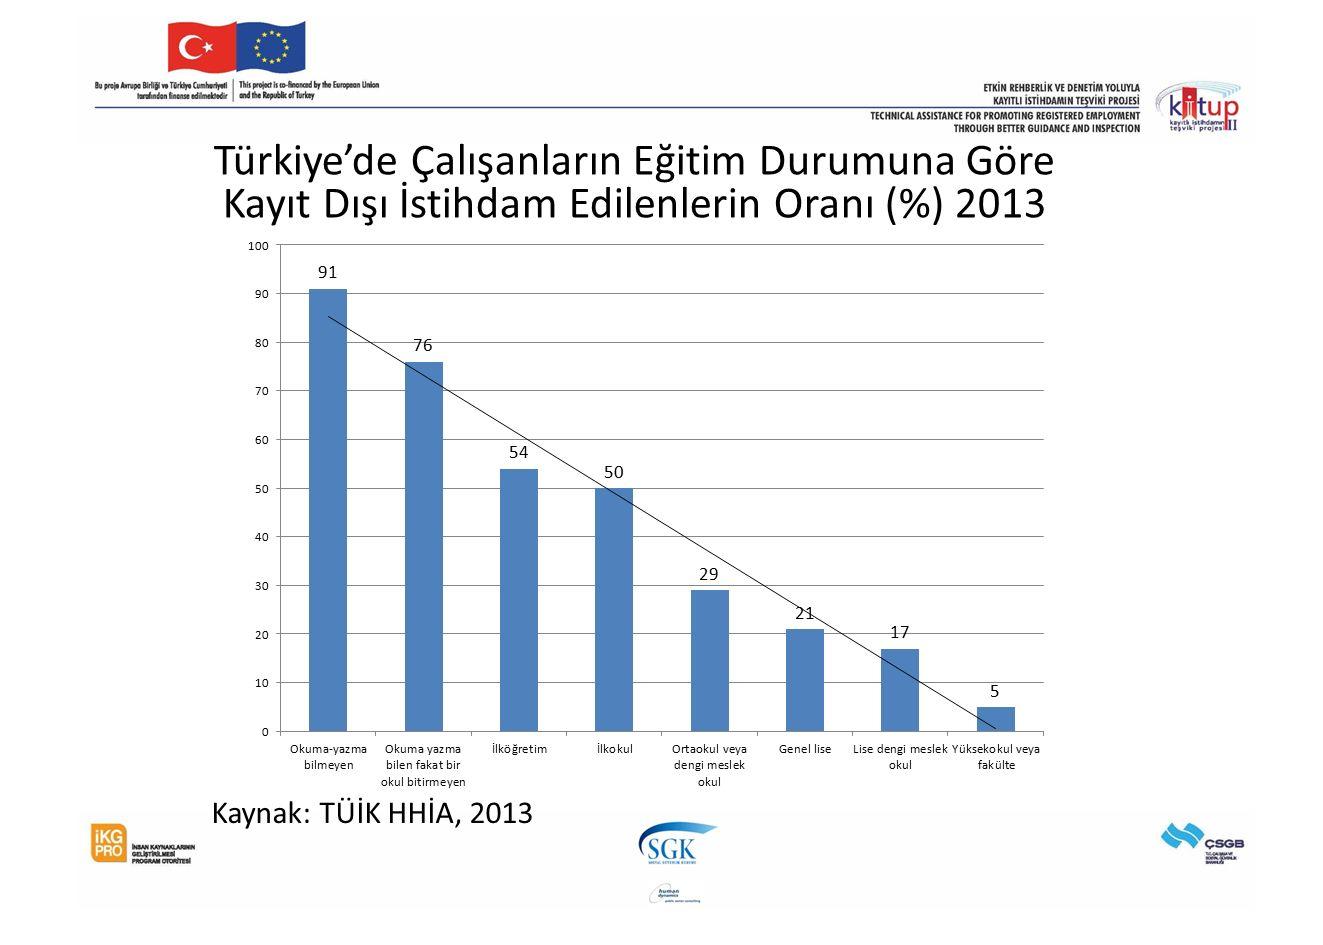 Türkiye'de Çalışanların Eğitim Durumuna Göre Kayıt Dışı İstihdam Edilenlerin Oranı (%) 2013 Kaynak: TÜİK HHİA, 2013